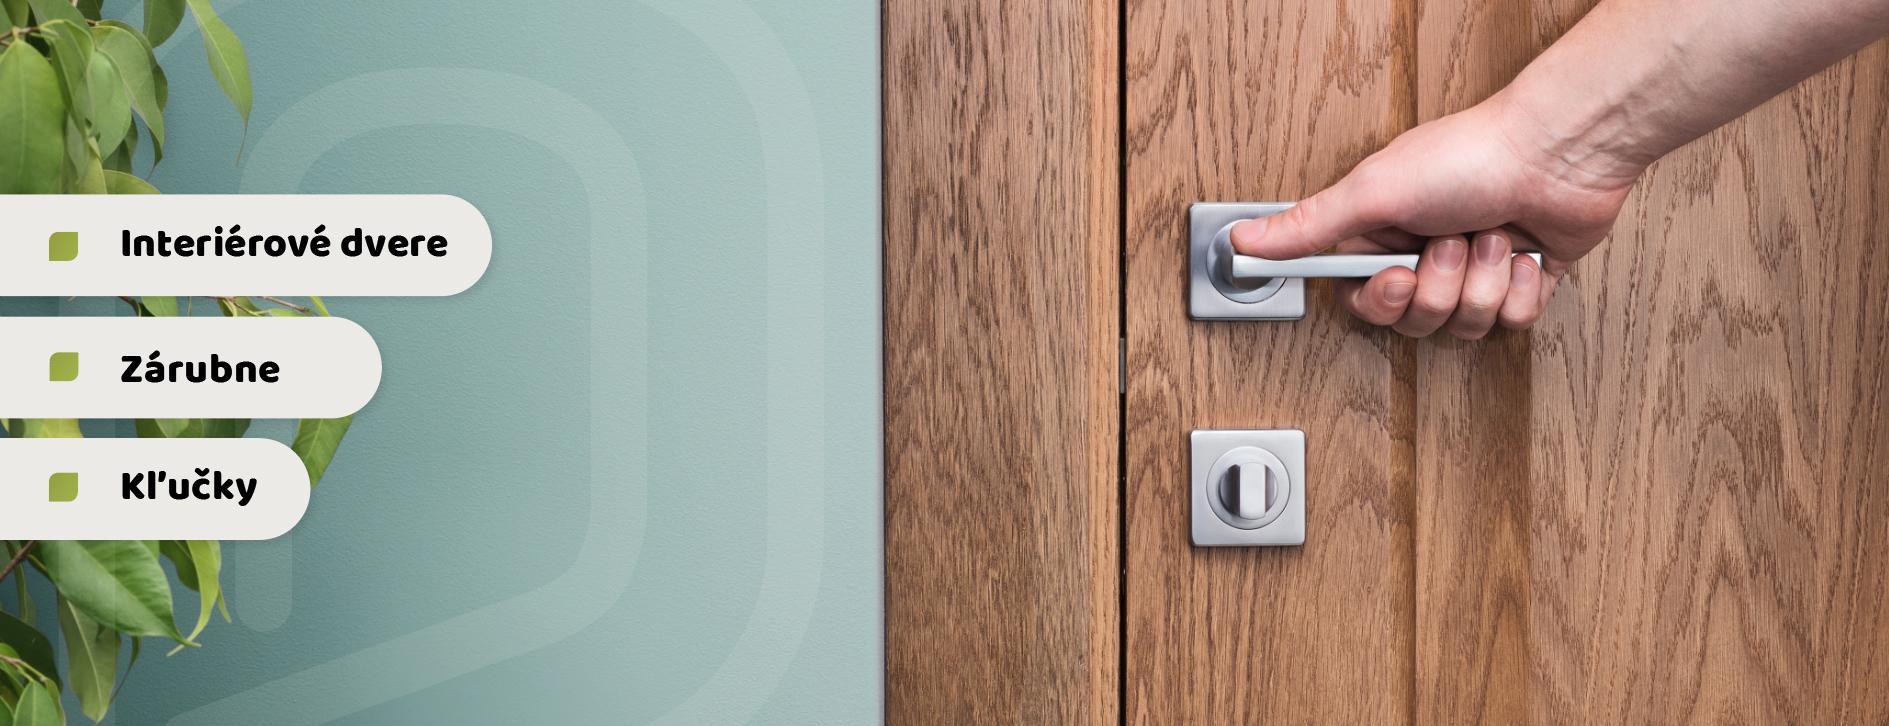 Interiérové dvere / Zárubne / Kľučky